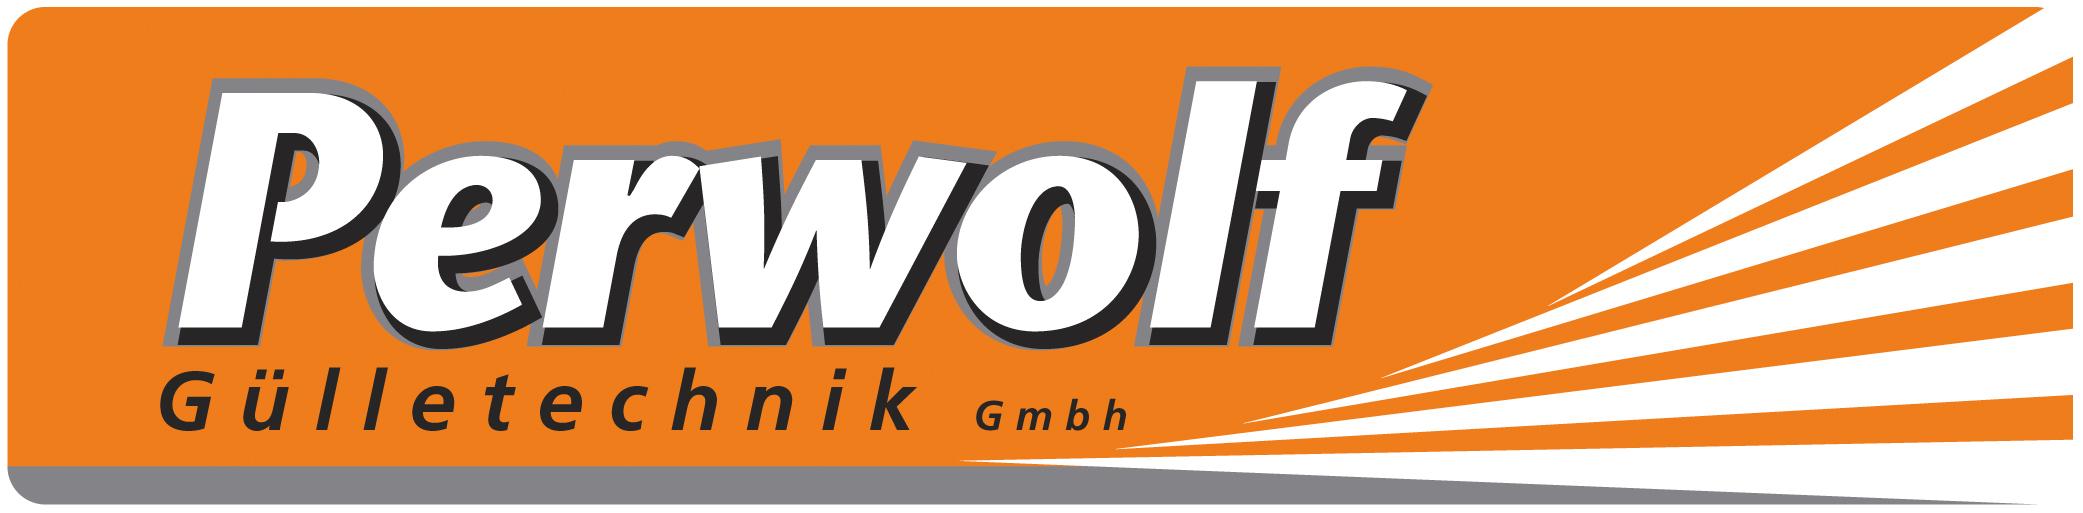 Perwolf